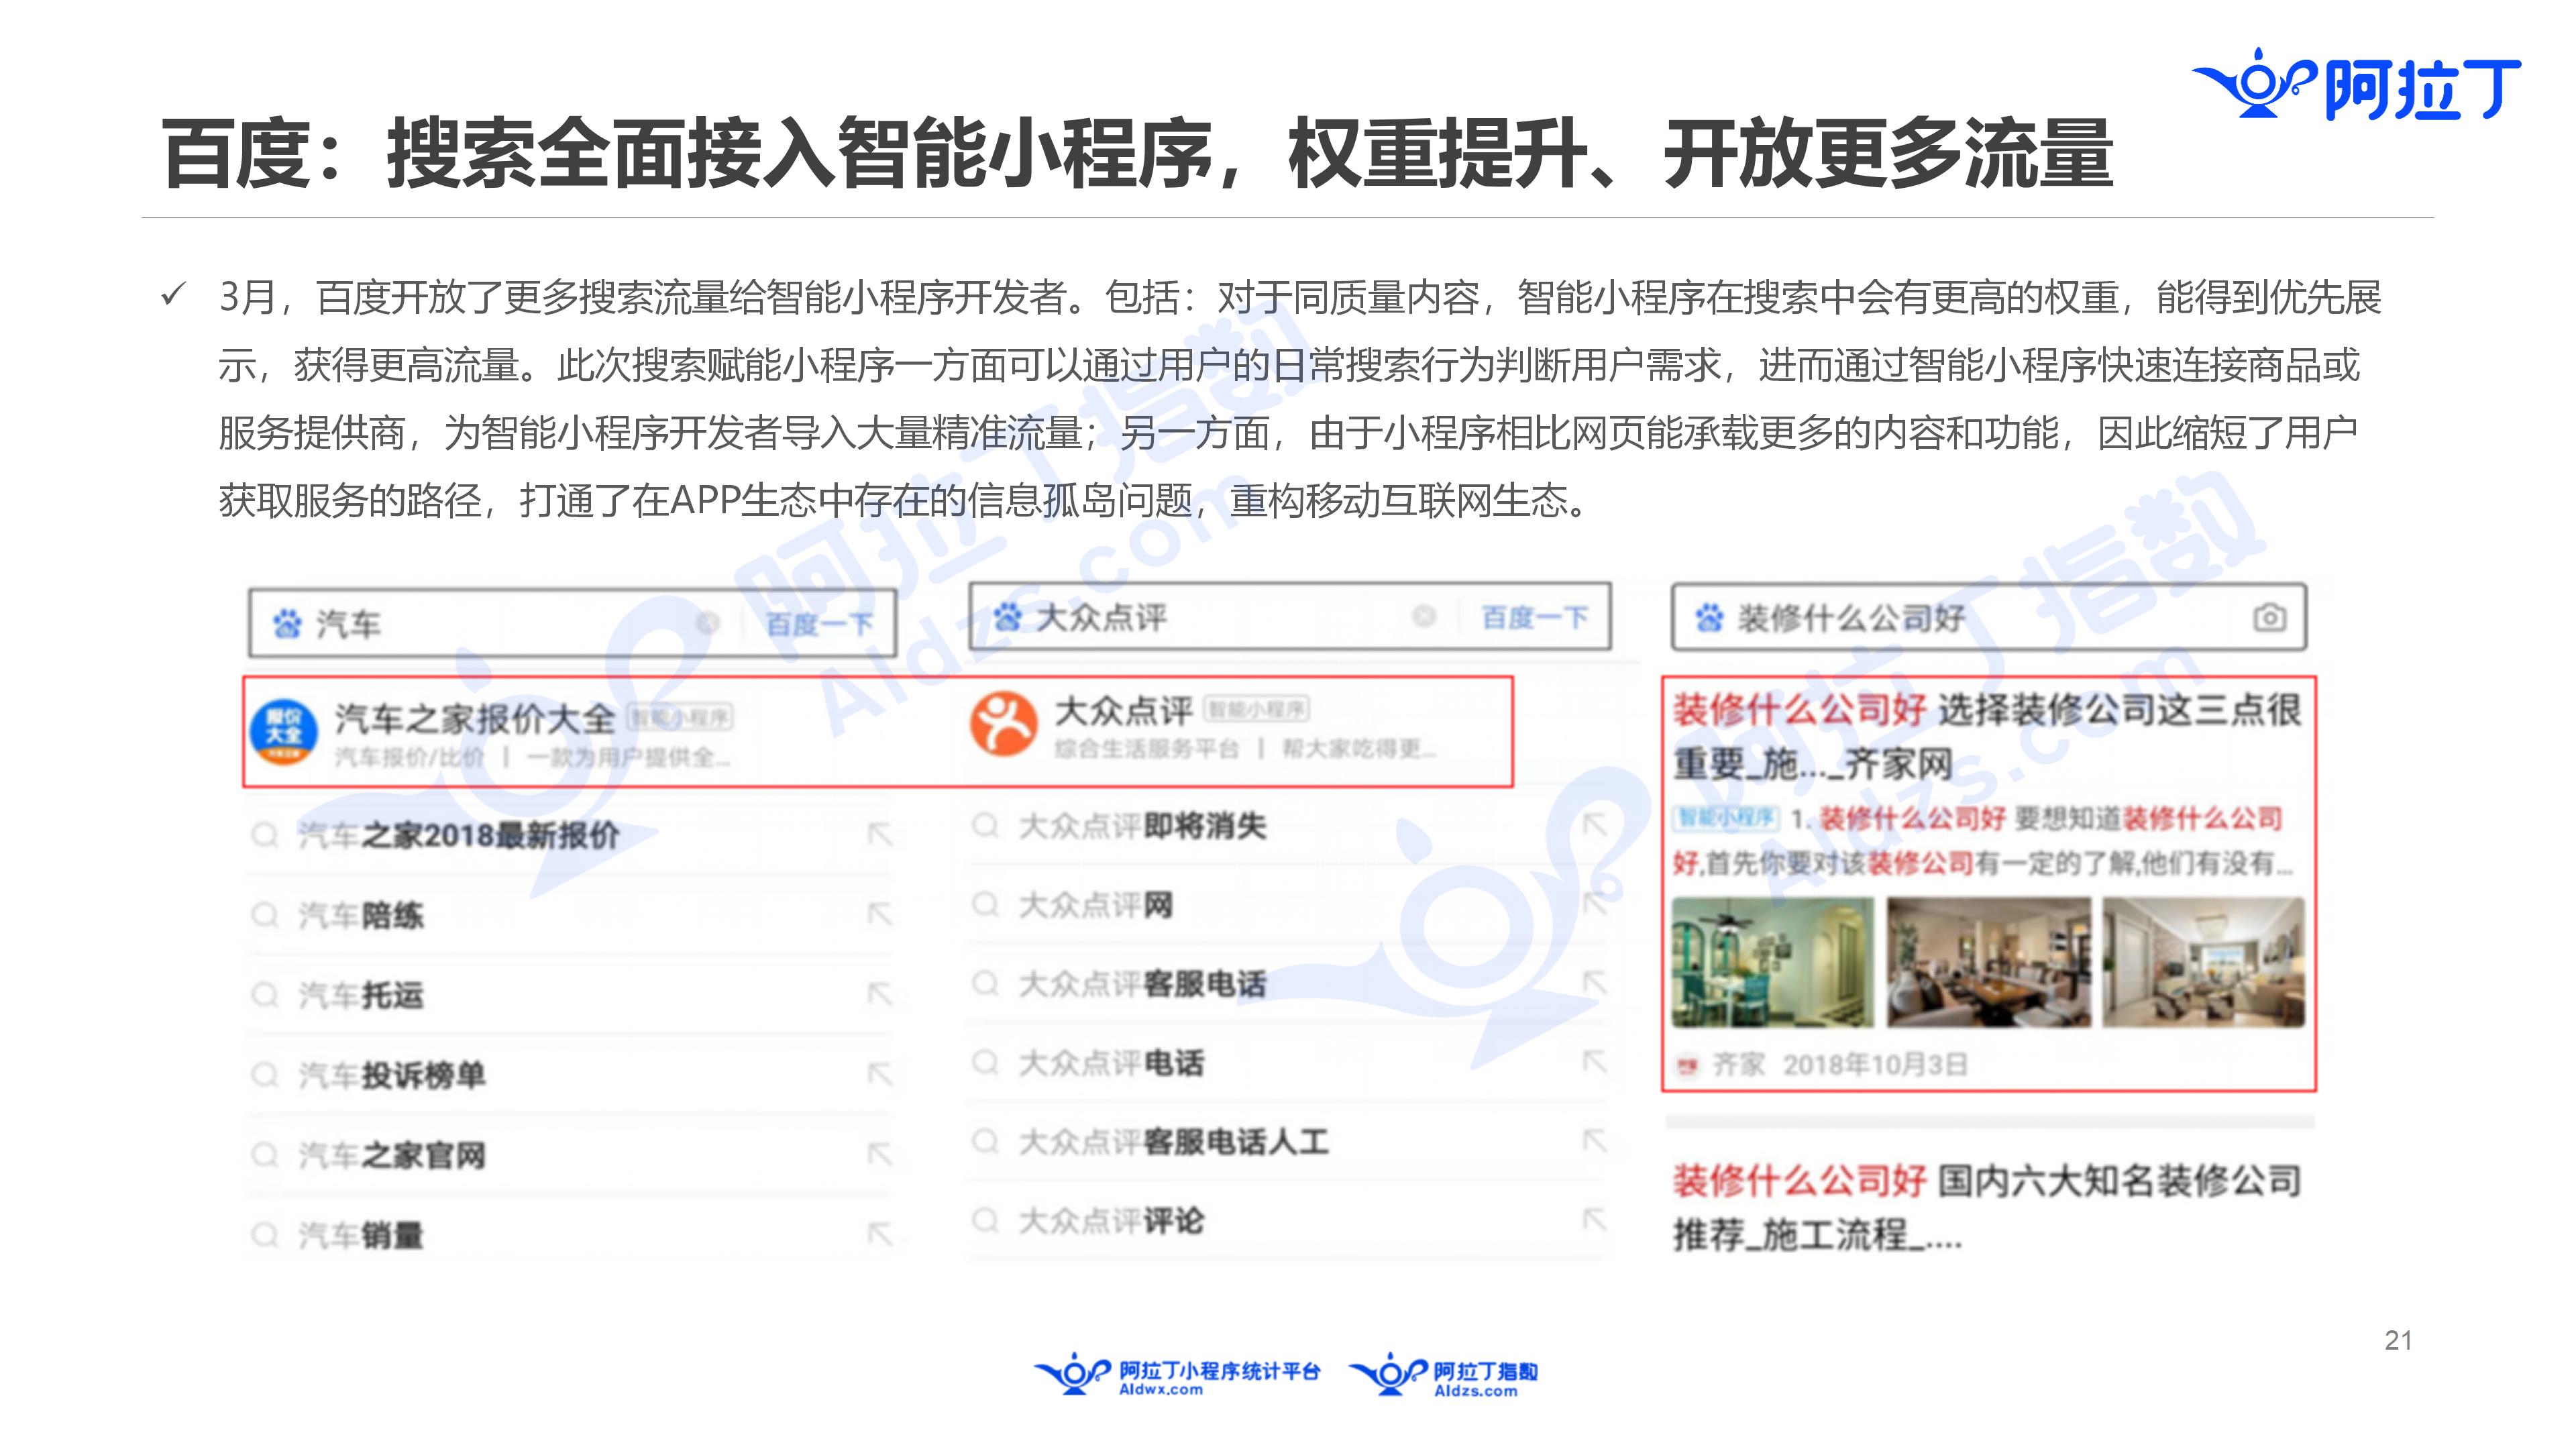 2019年3月中国小程序行业月度报告v5(1)_21.png